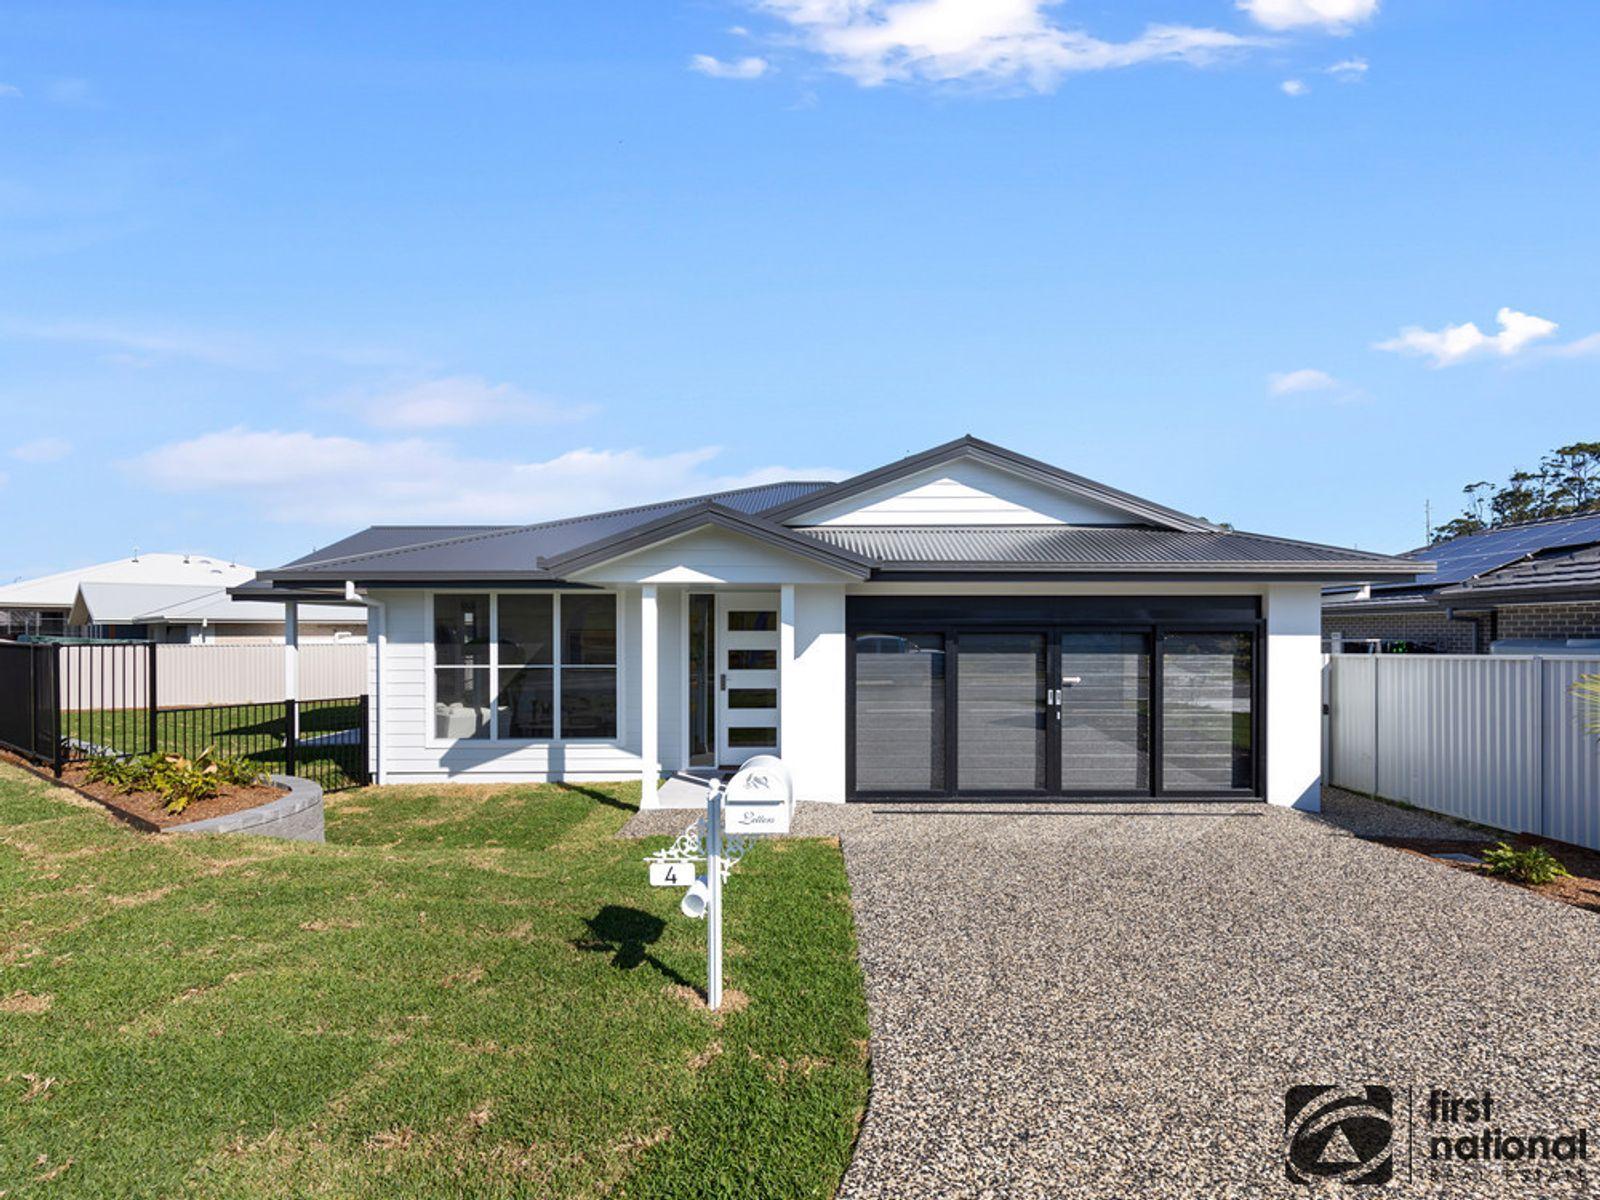 4 Burleigh Crescent, Woolgoolga, NSW 2456